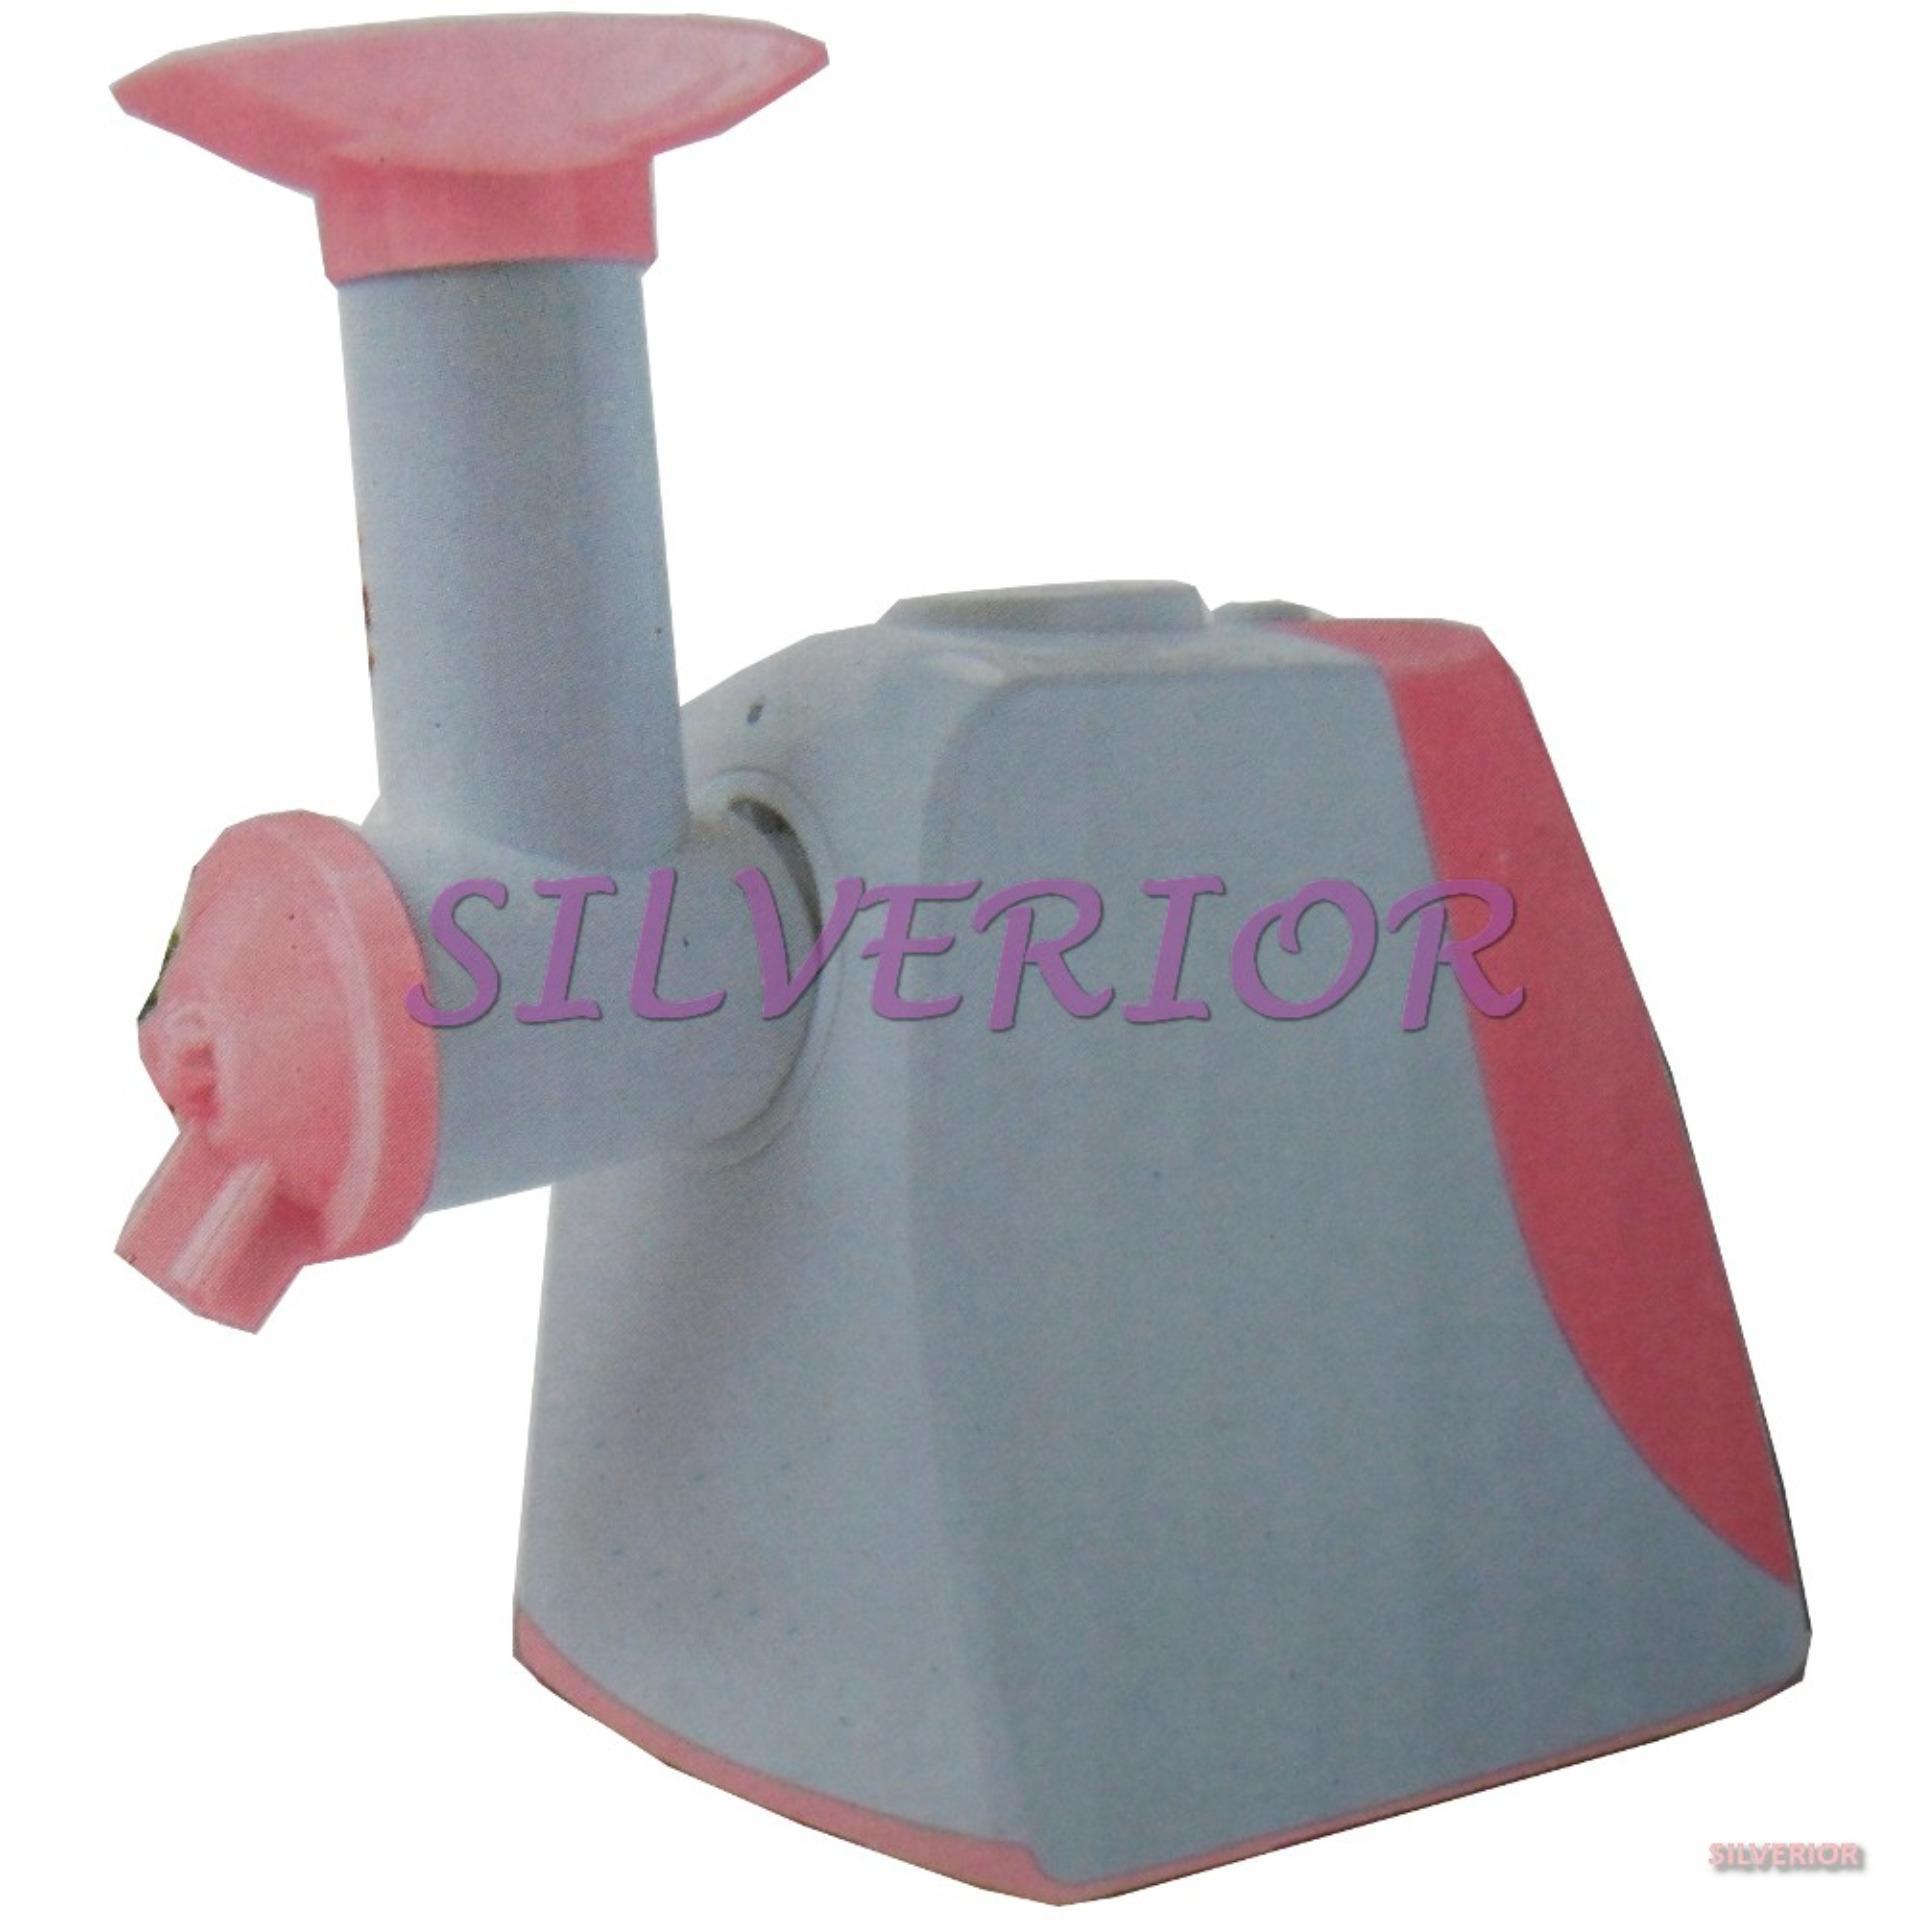 Jual Mesin Penghanjur Es Murah Garansi Dan Berkualitas Id Store Sharp Cuci M905p Wb Rp 850000